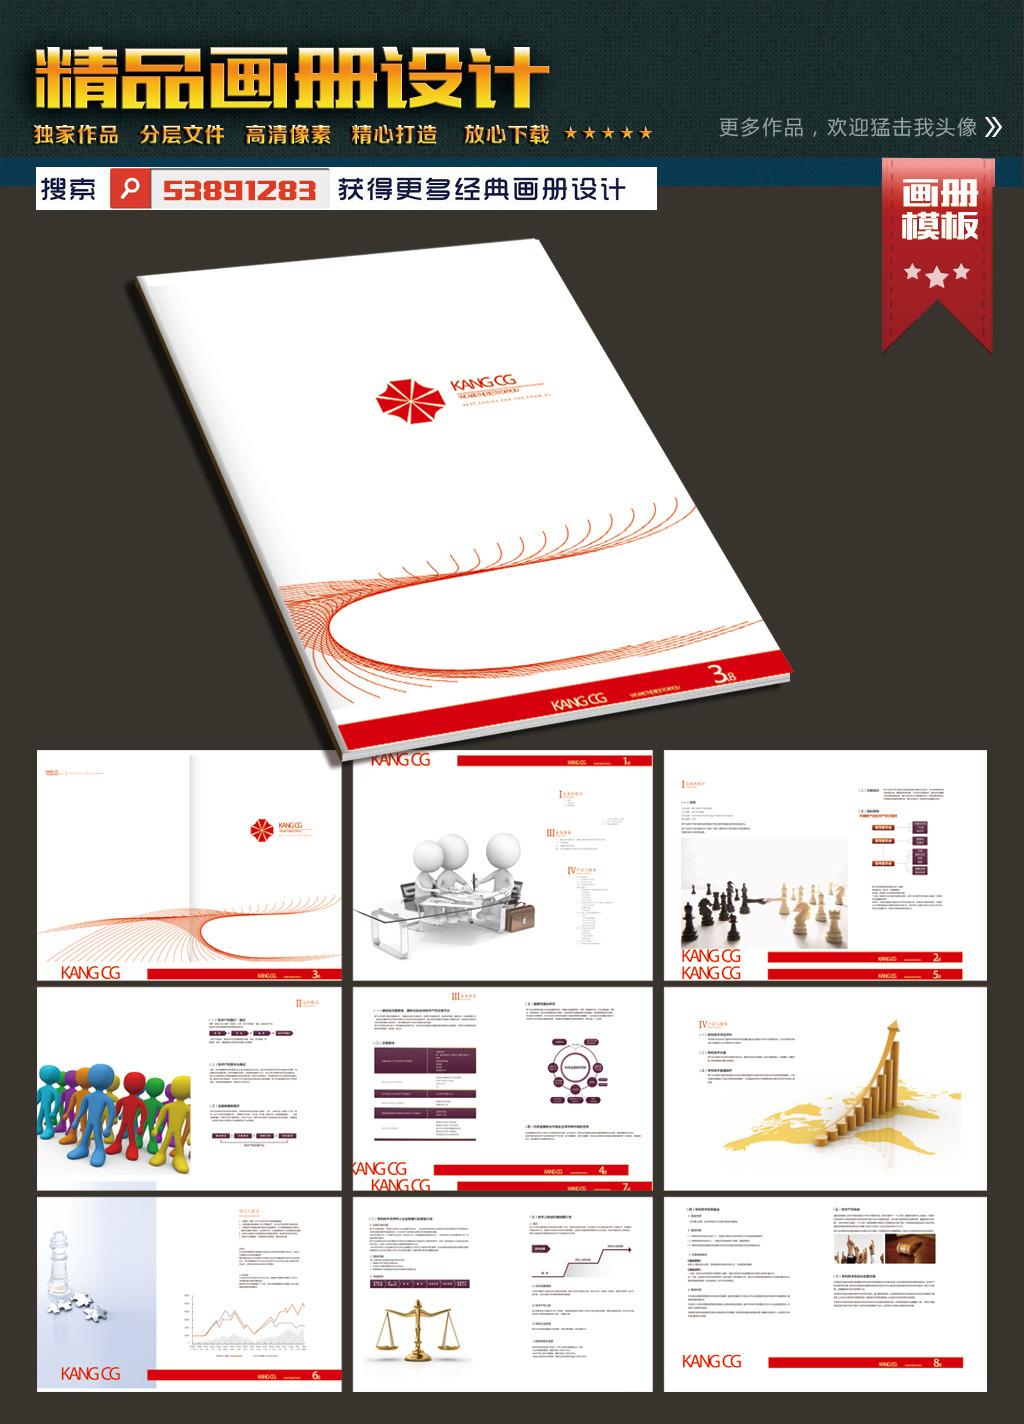 企业画册公司产品宣传册企业文化手册模板下载 企业画册公司产品宣传